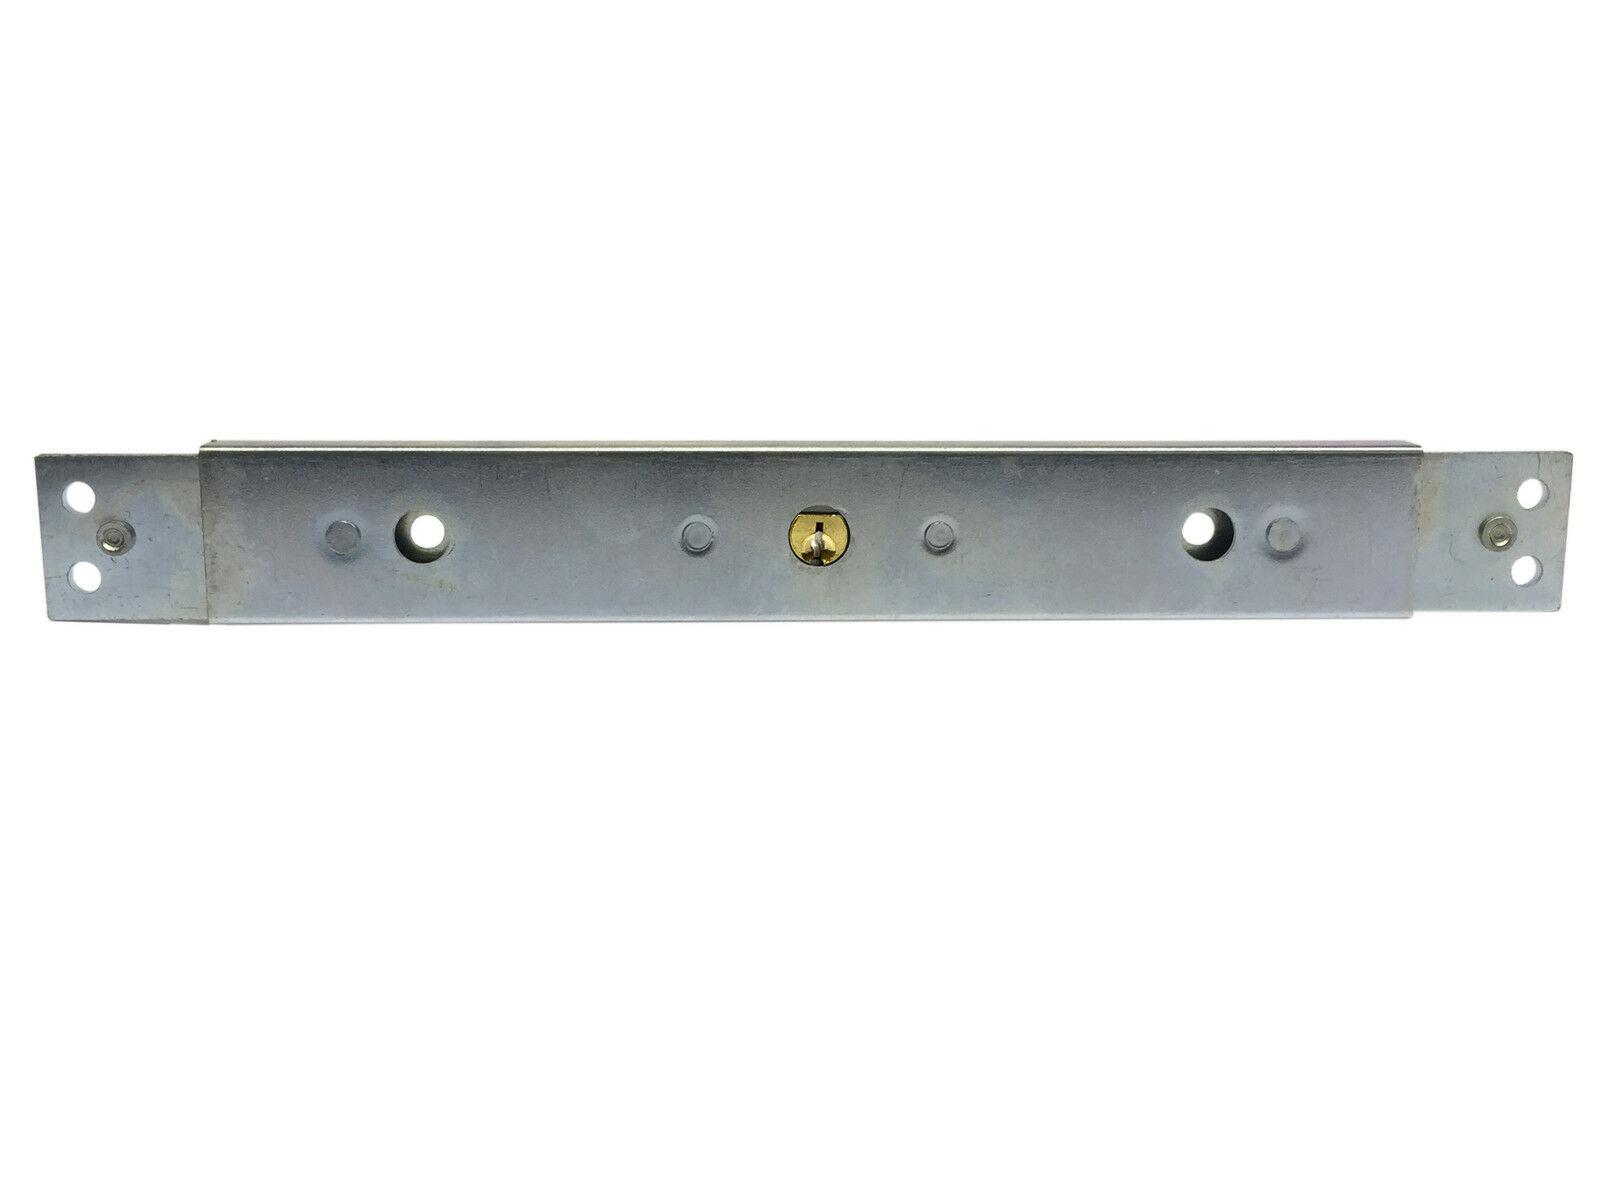 Facchinetti Heavy Duty Plug Ground Anchor Bolt Lock Unit